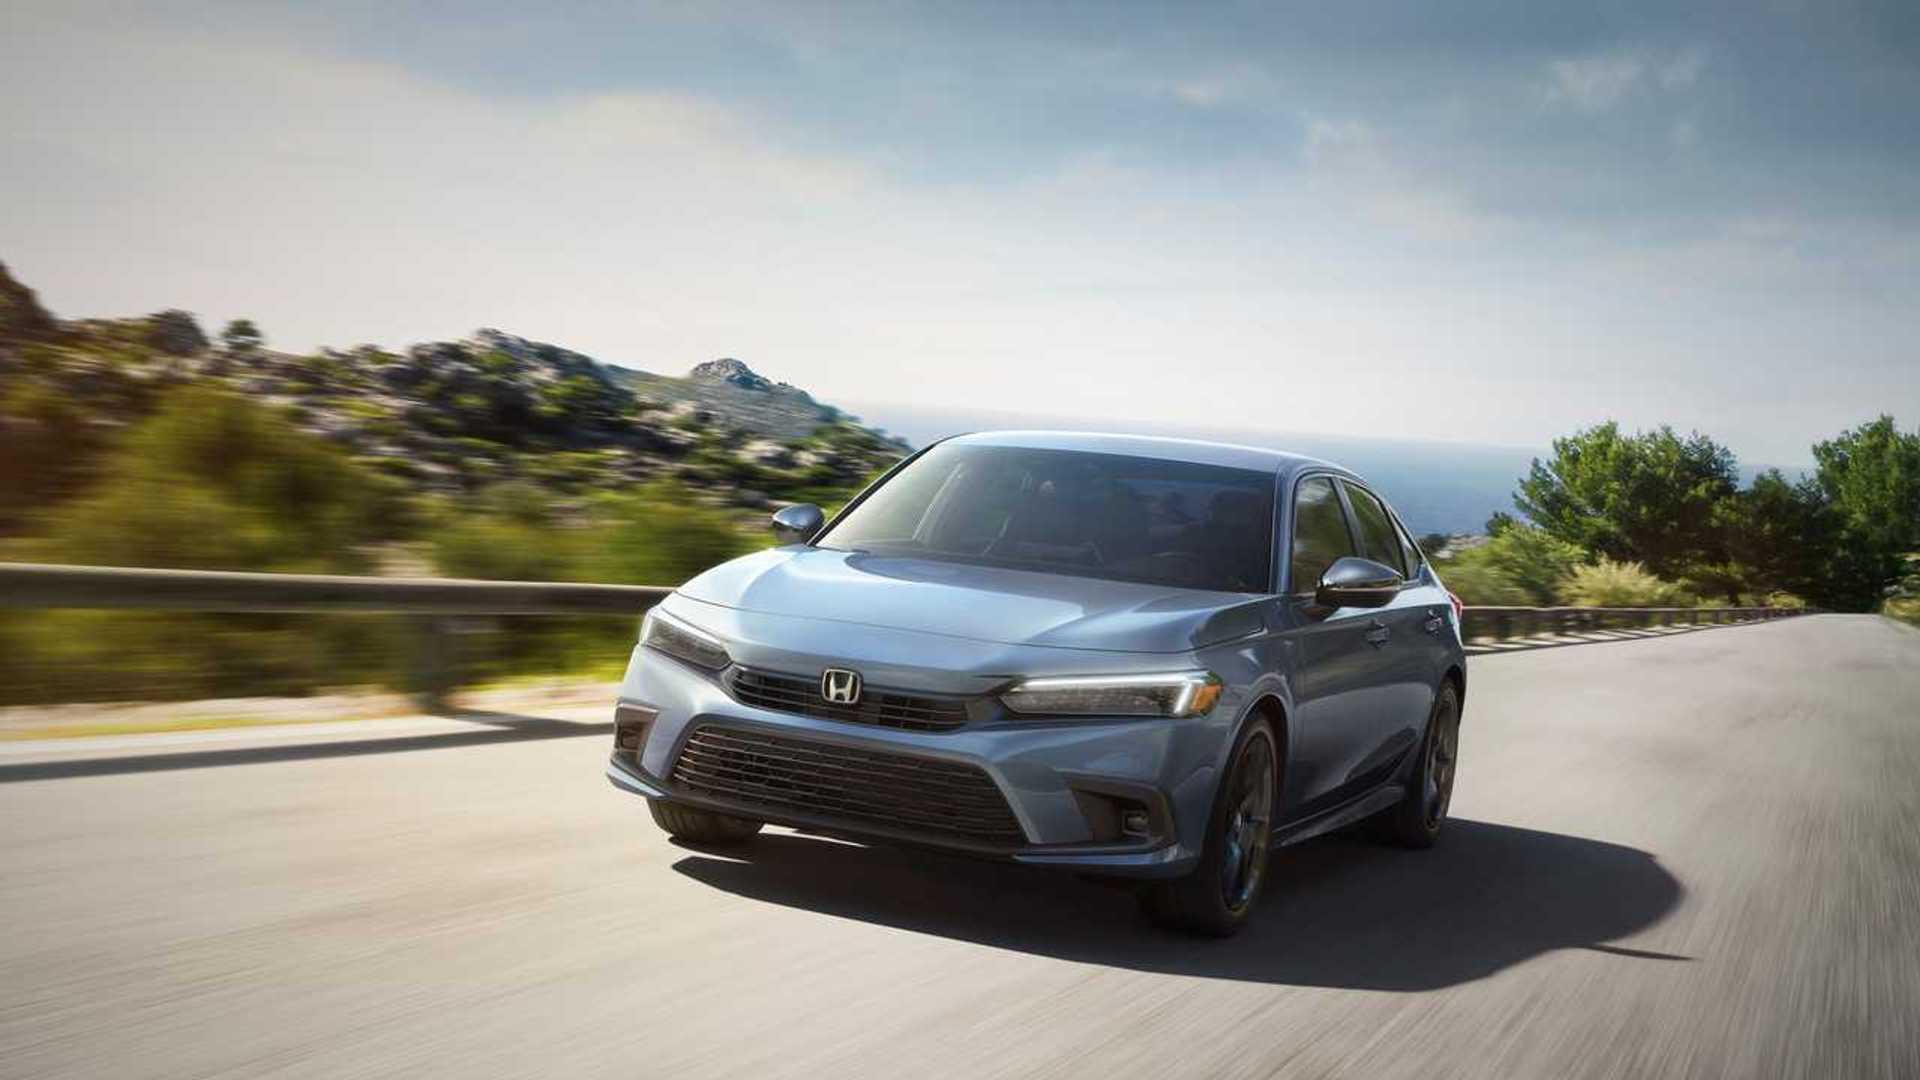 Las claves del nuevo Honda Civic según Honda 4